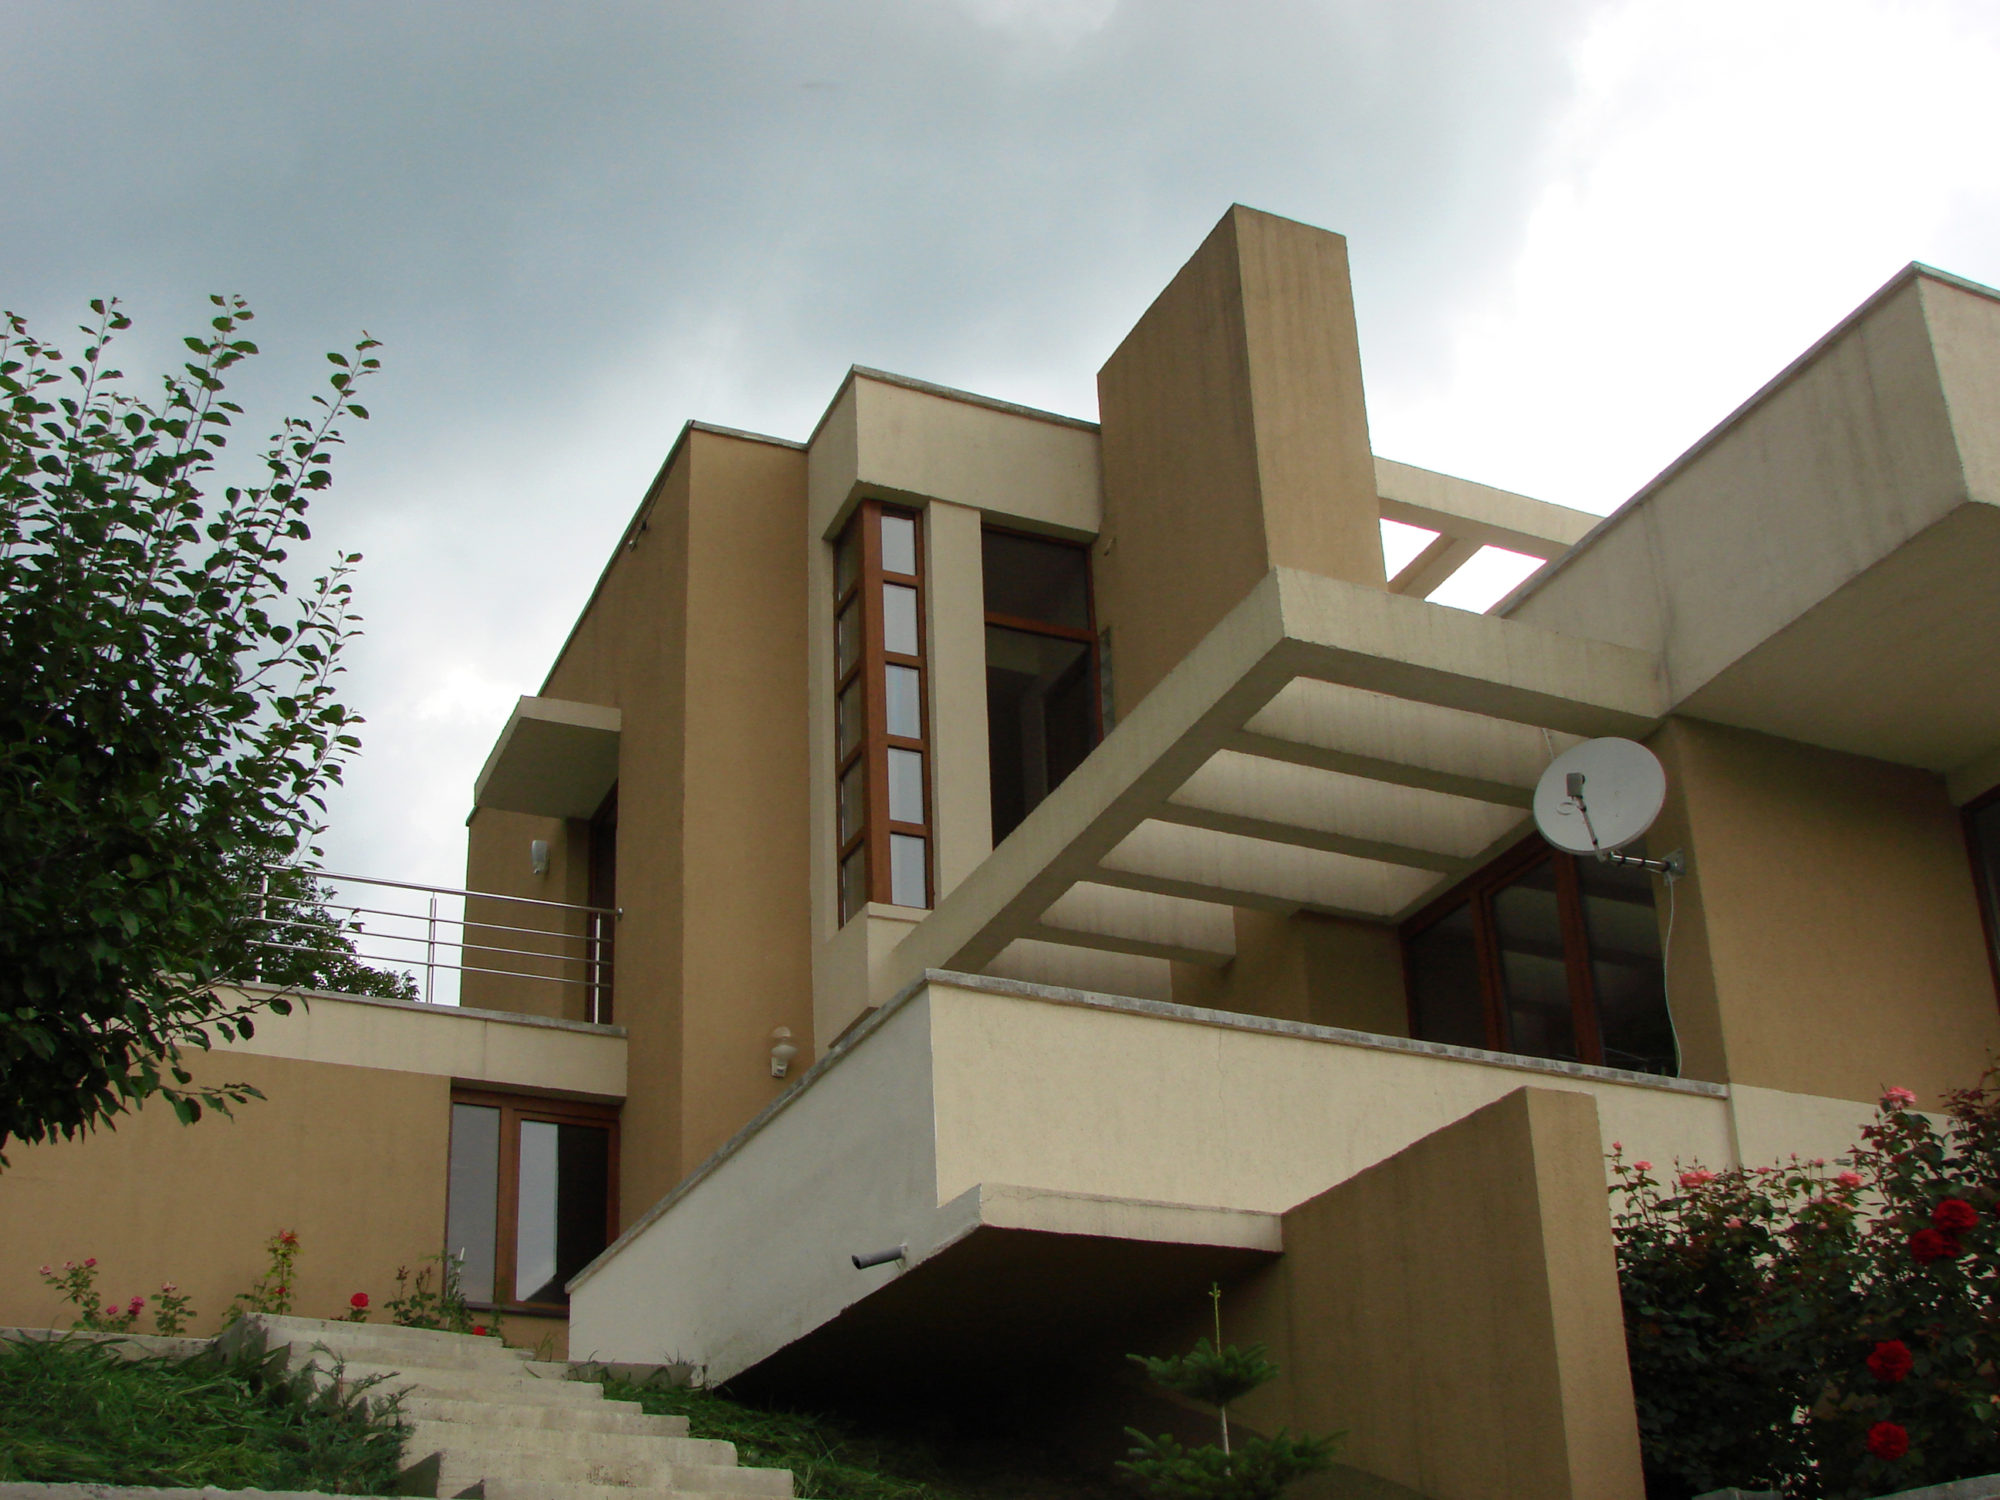 Casa SARATA MONTEORU